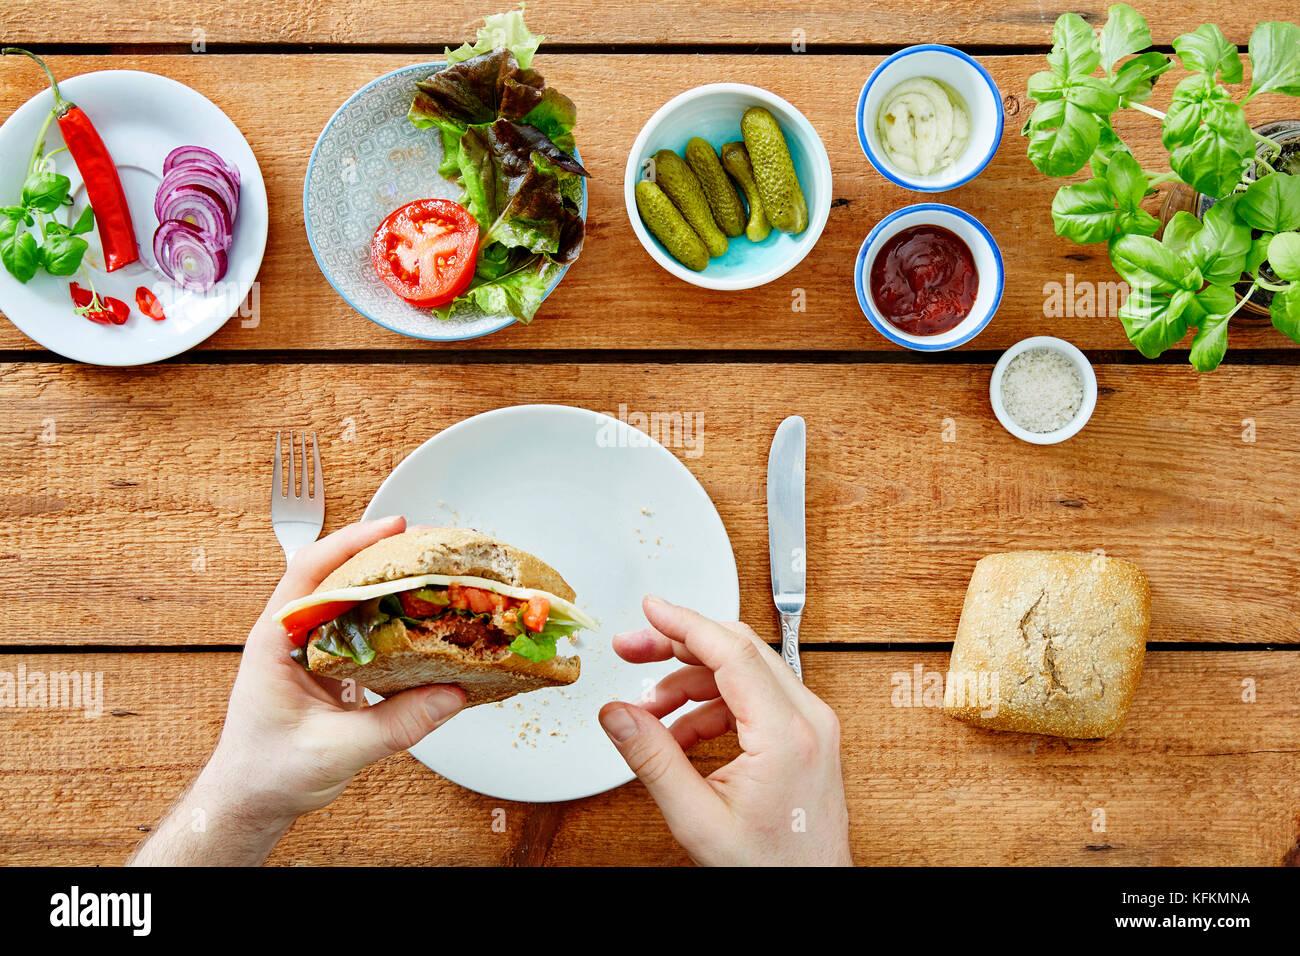 Buongustai mangiare self made deliziosi snack a sandwich Immagini Stock